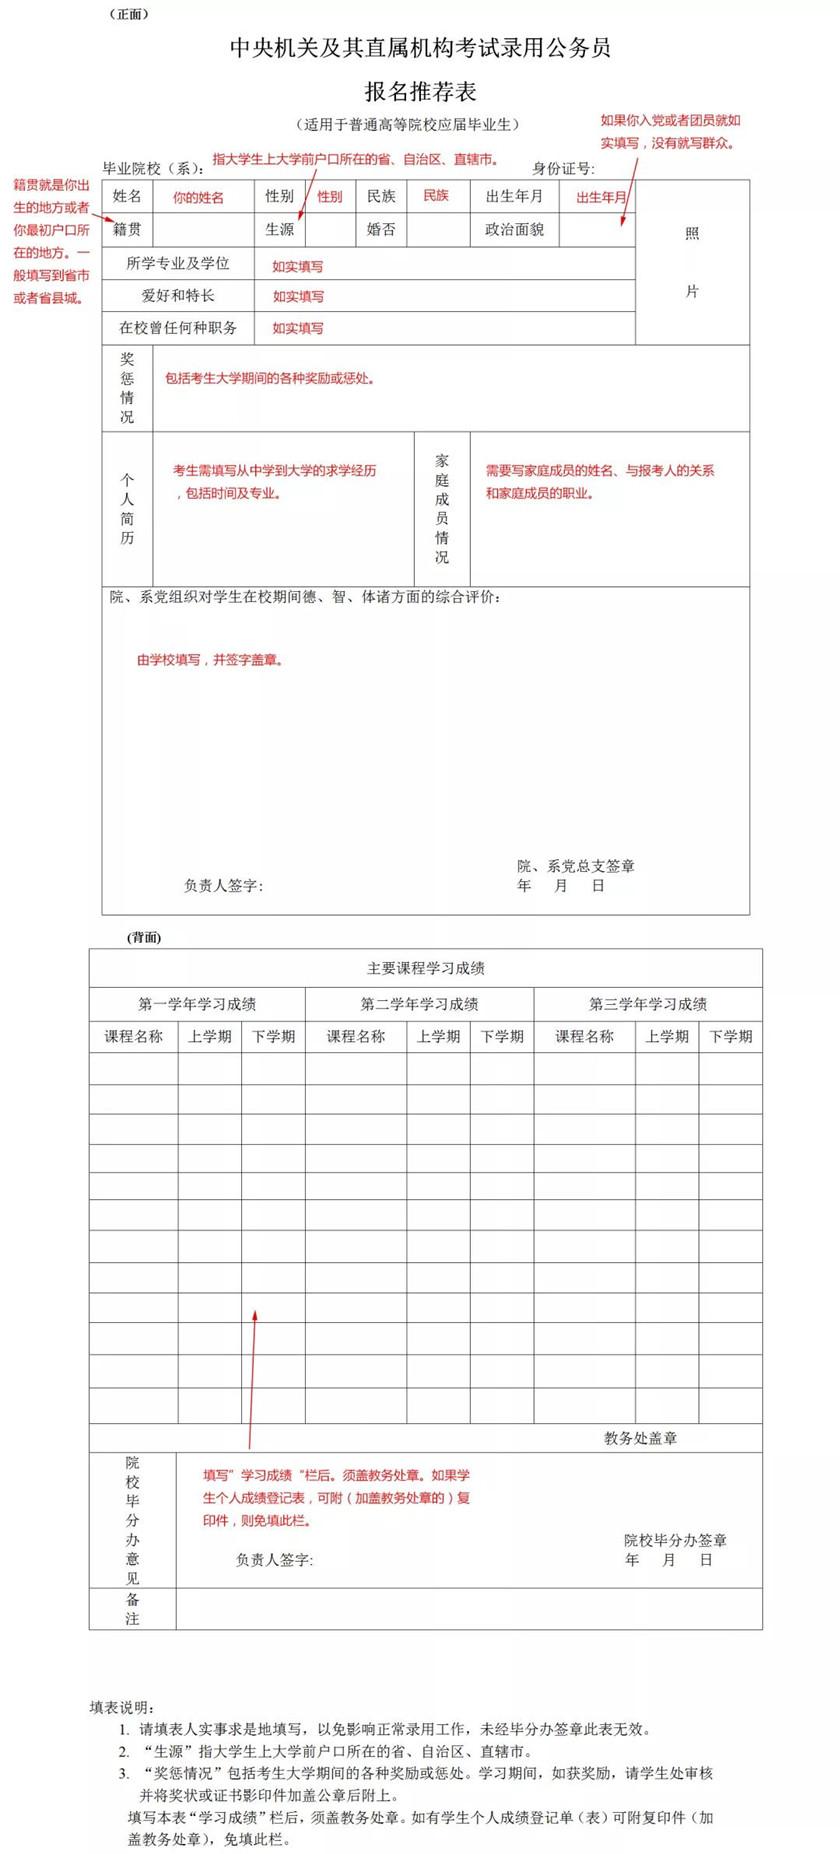 公务员考试如何填写报名推荐表与报名登记表